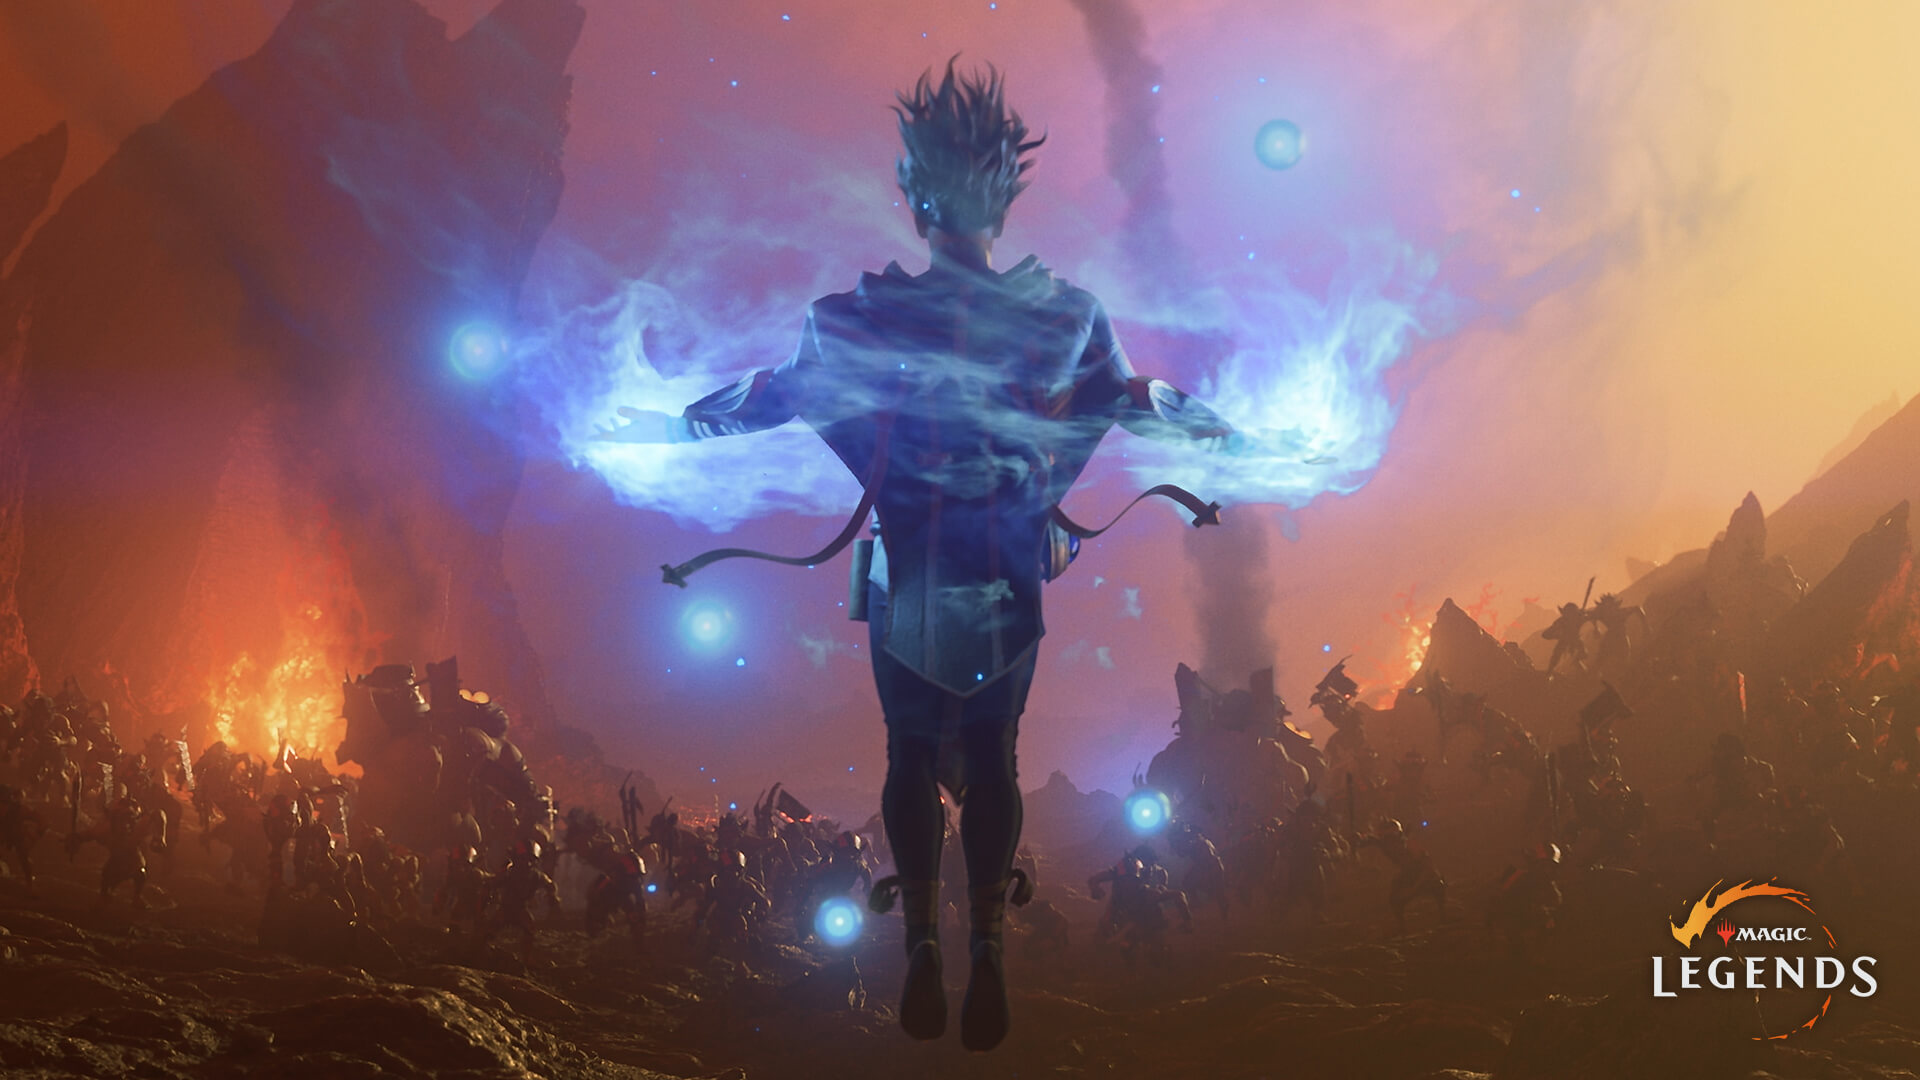 Oznámeno nové mmo rpg Magic: Legends založené na populární karetní hře